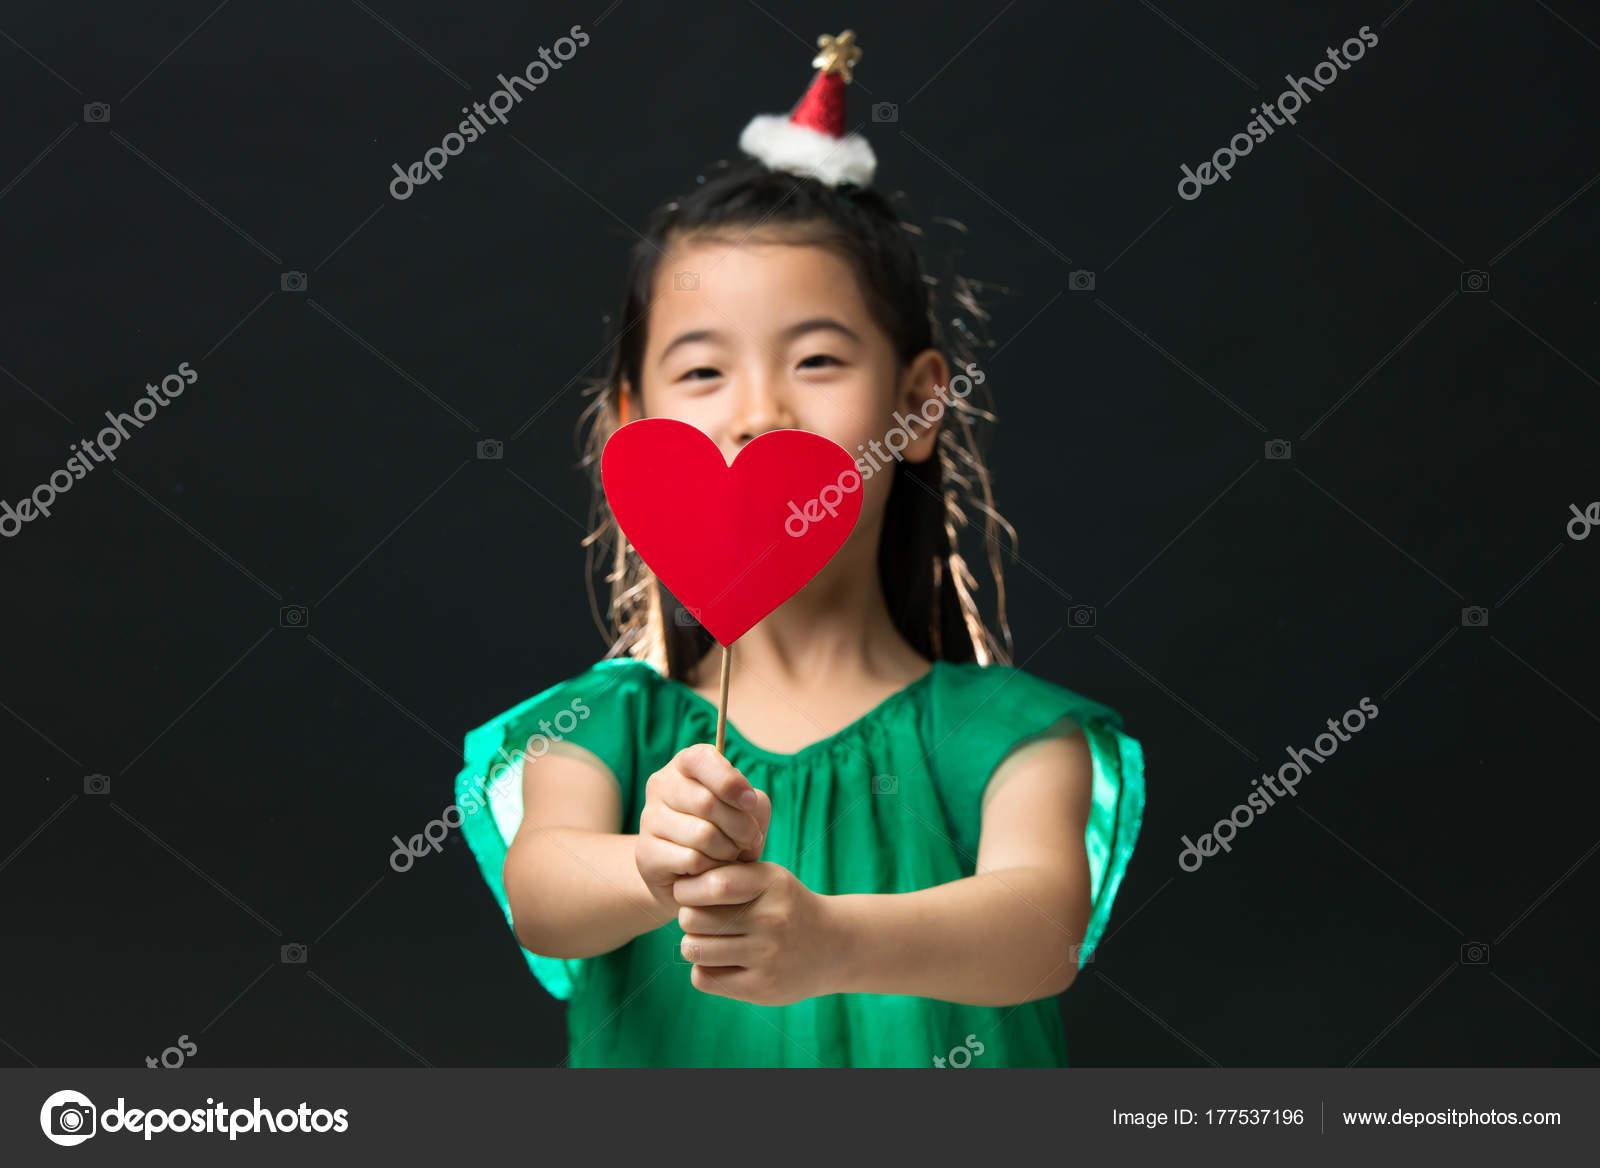 Süße Asiatische Mädchen Gekleidet Ein Grünes Kleid Hält Eine ...